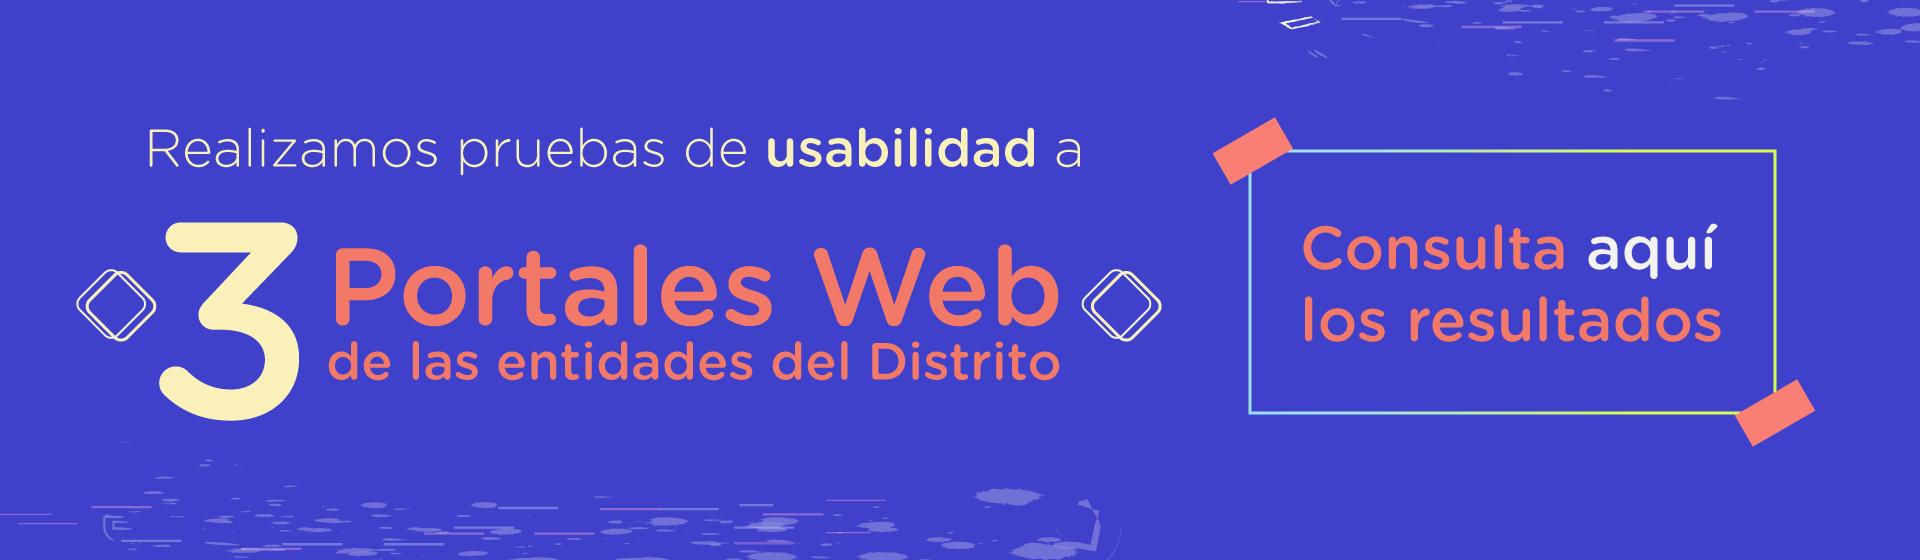 pruebas de usabilidad a 3 portales web del distrito